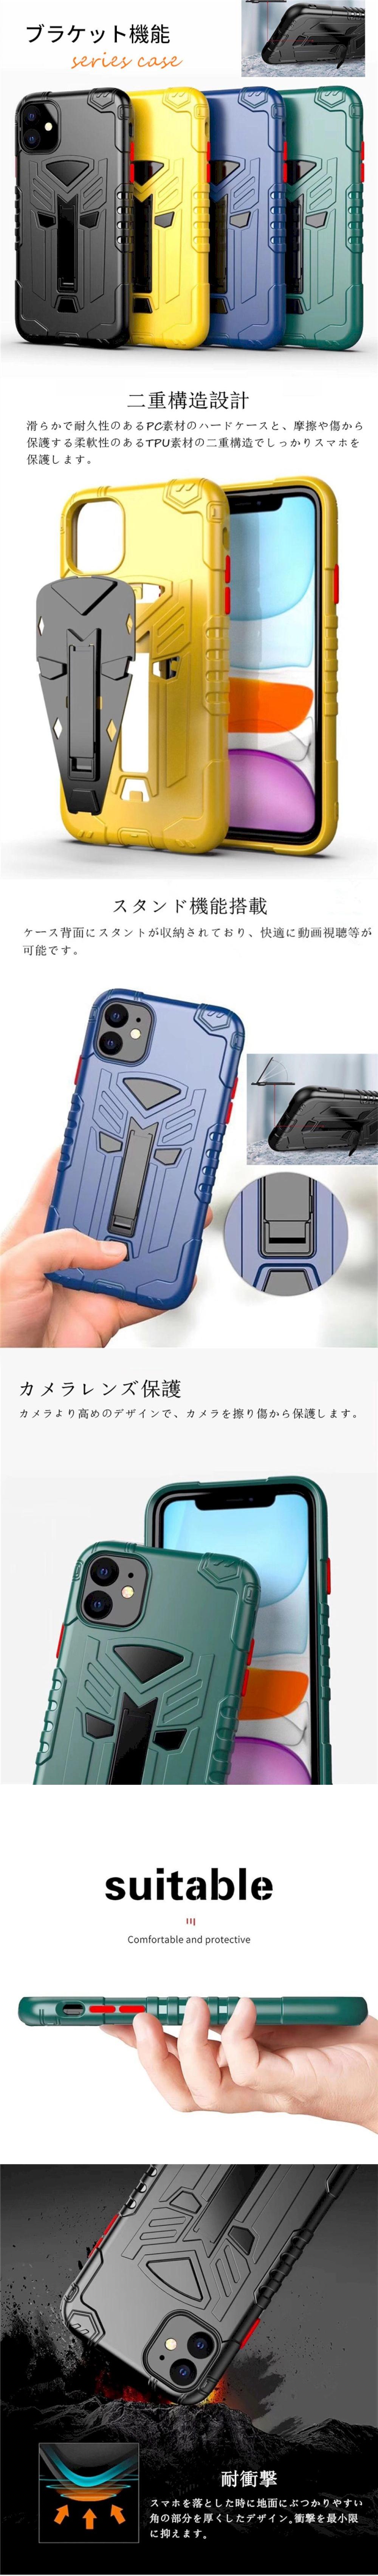 防摔殼防撞內空壓氣墊設計支架功能手機殼